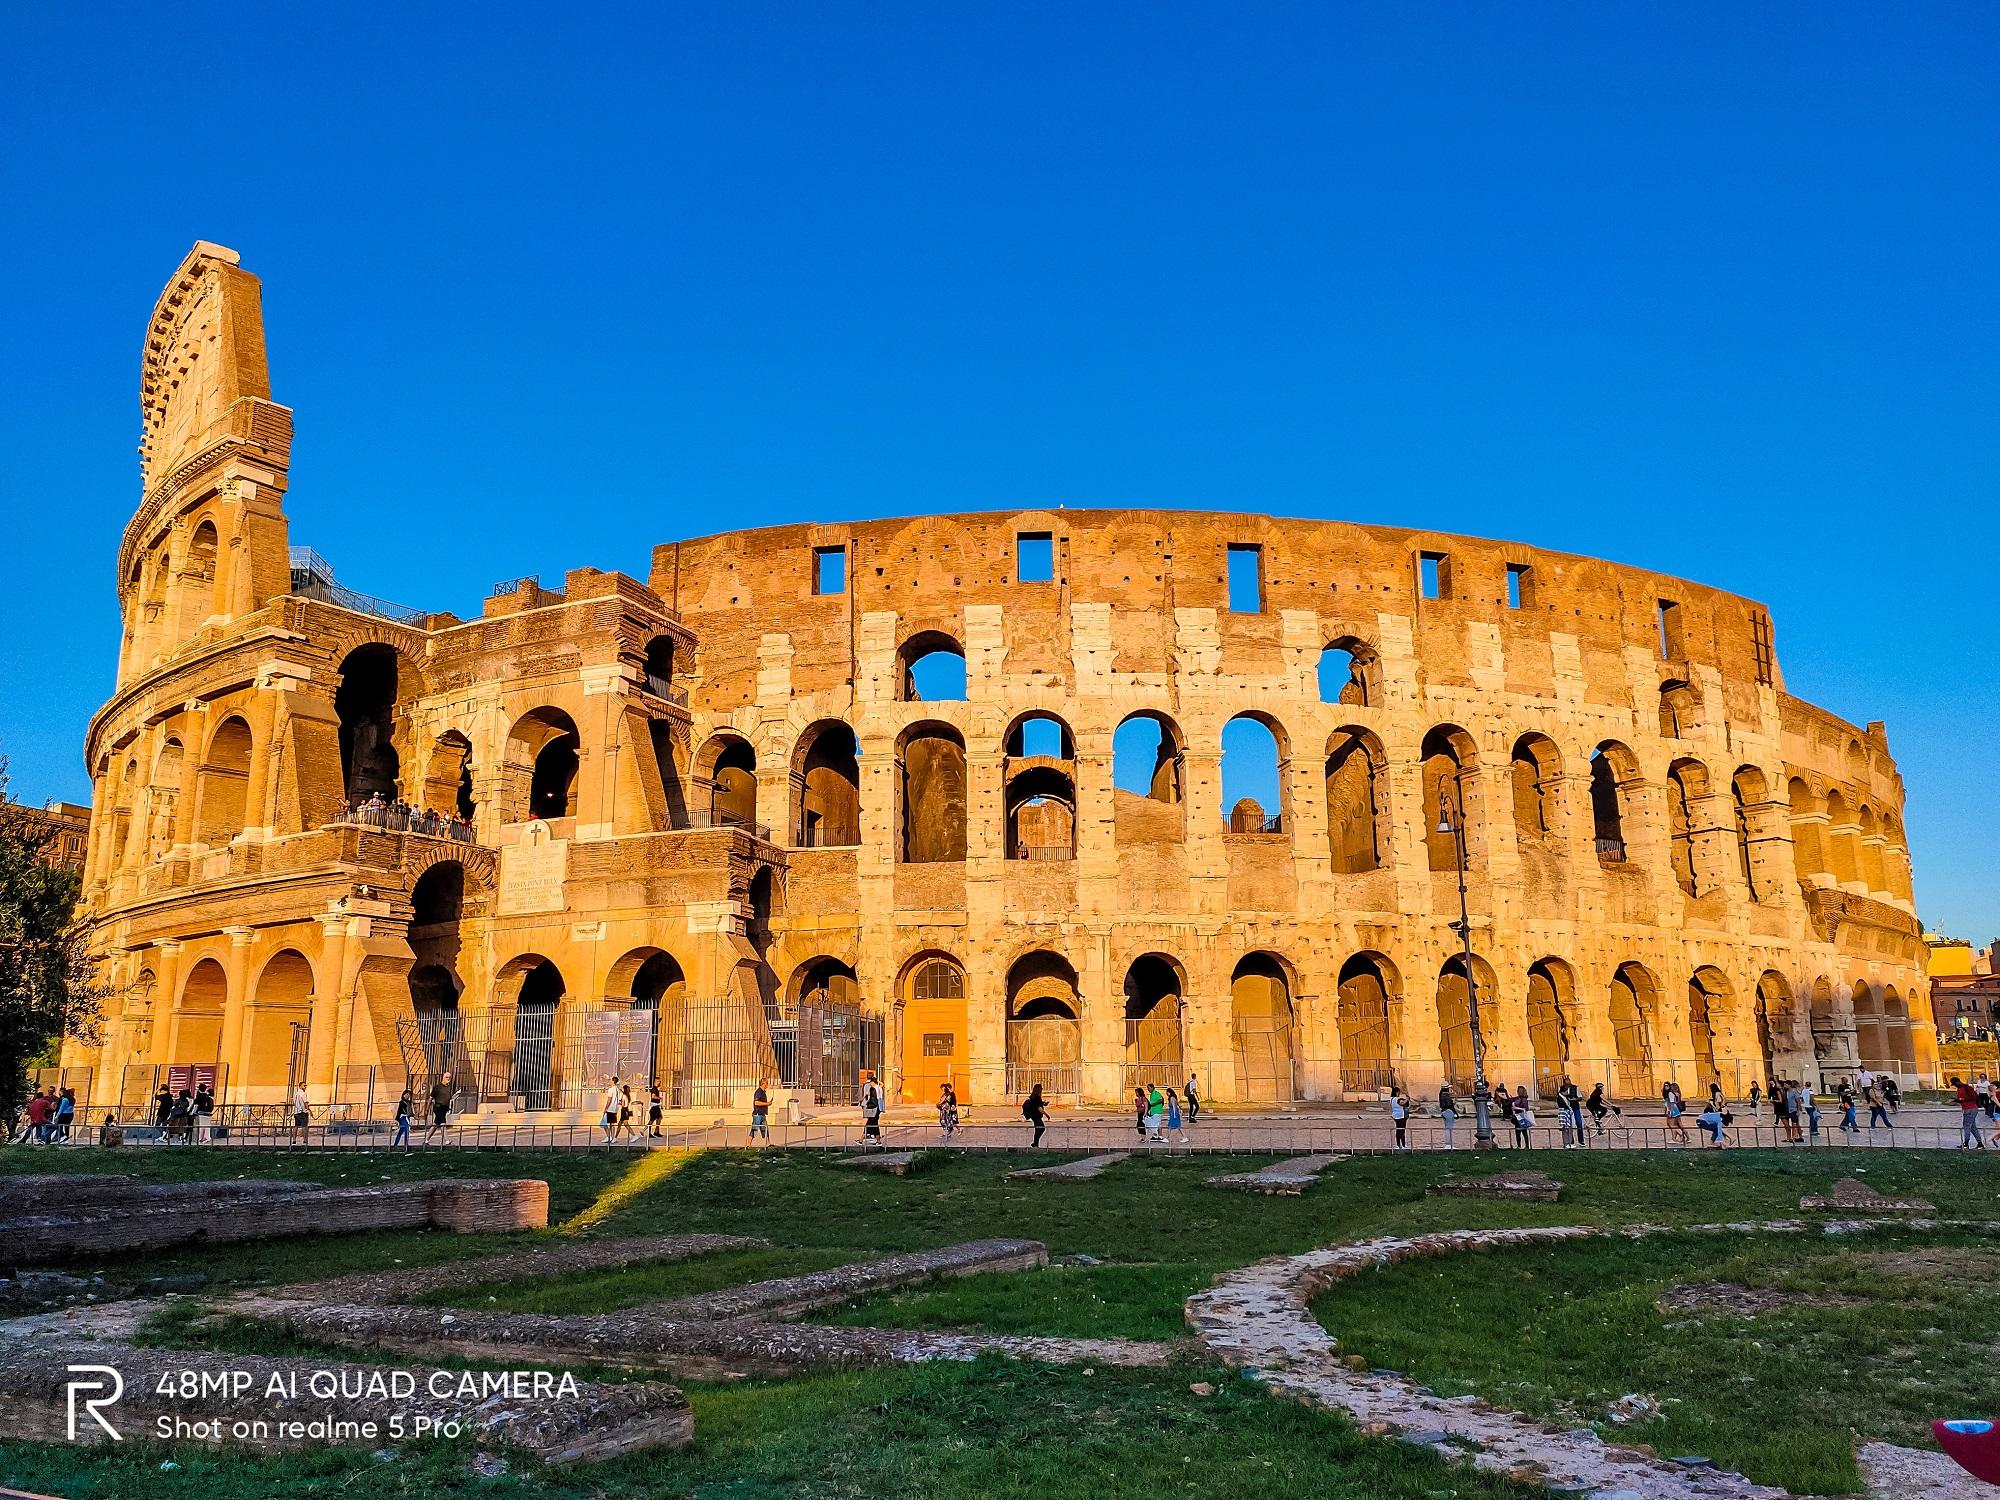 Đấu trường La Mã dưới nắng vàng của hoàng hôn.